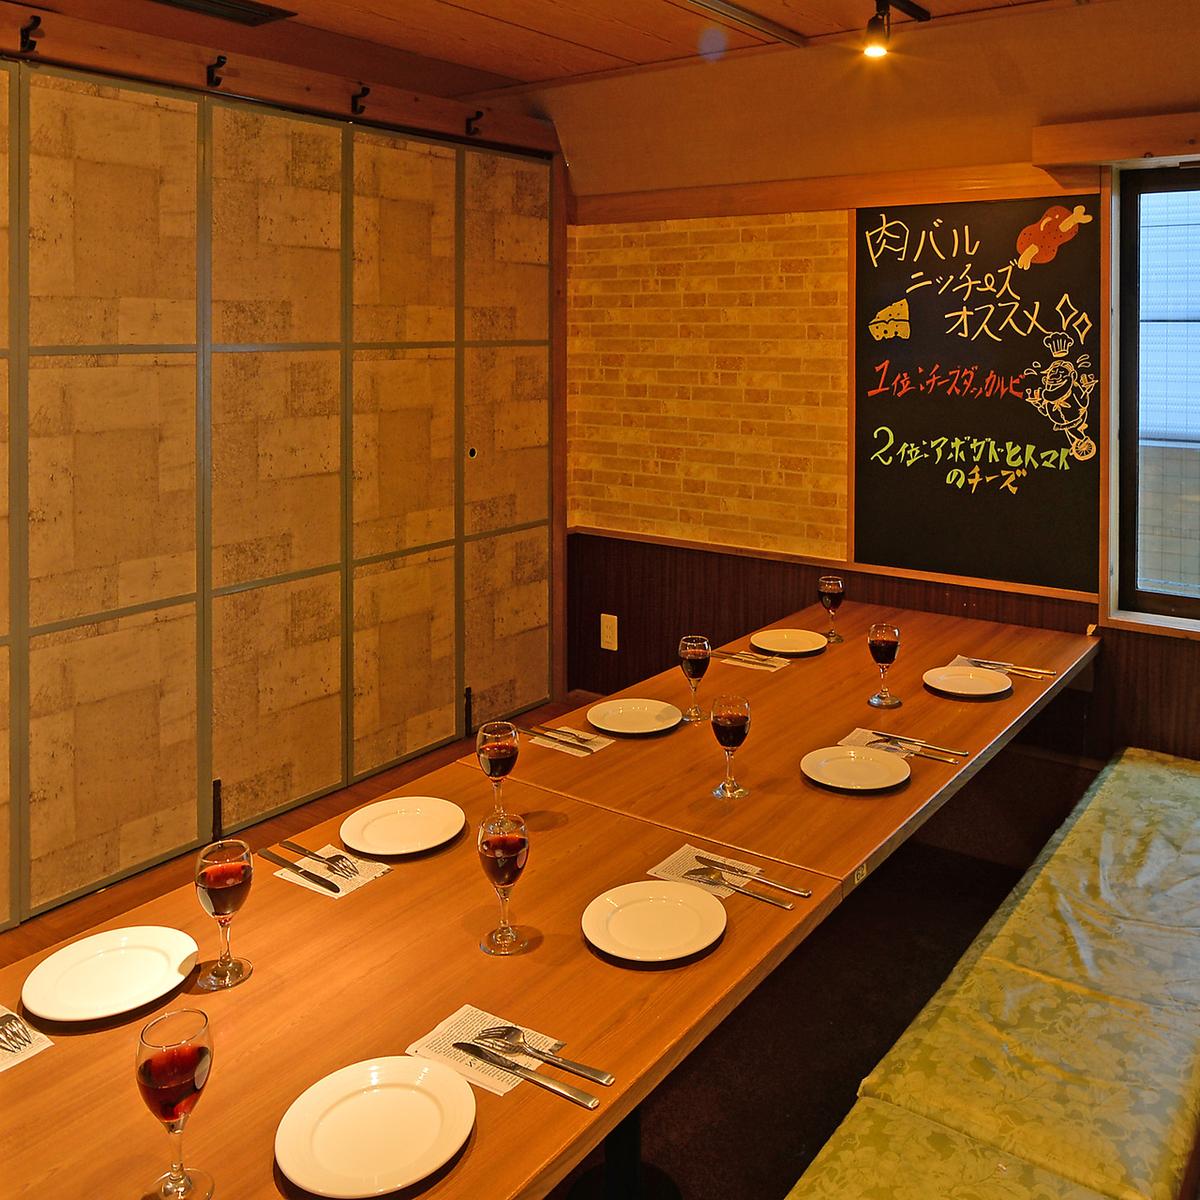 最多30人OK另外,Zashiki私人房间在公司宴会◎(附属商店形象)